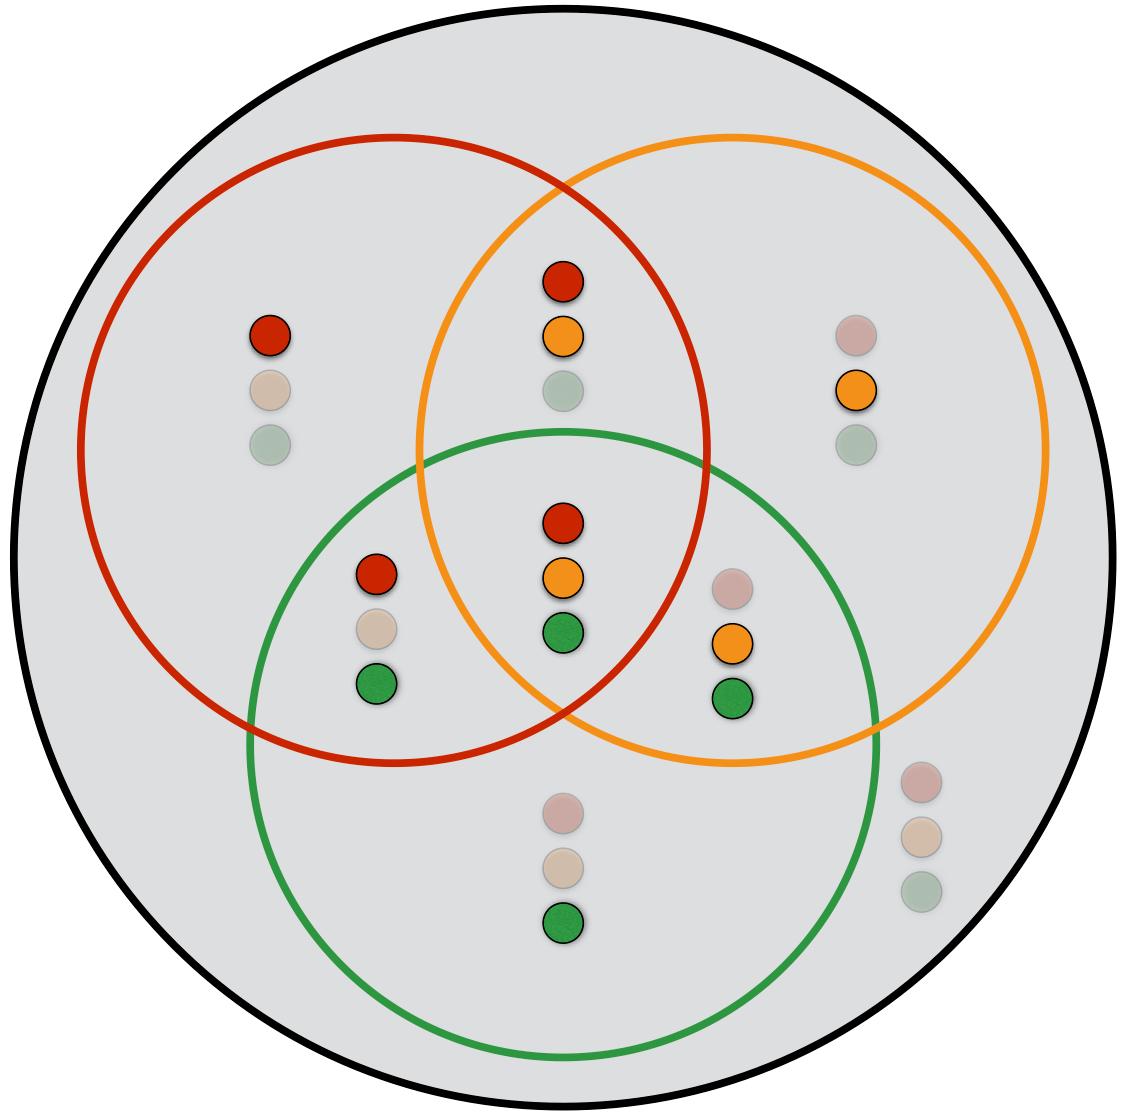 hight resolution of venn diagram key